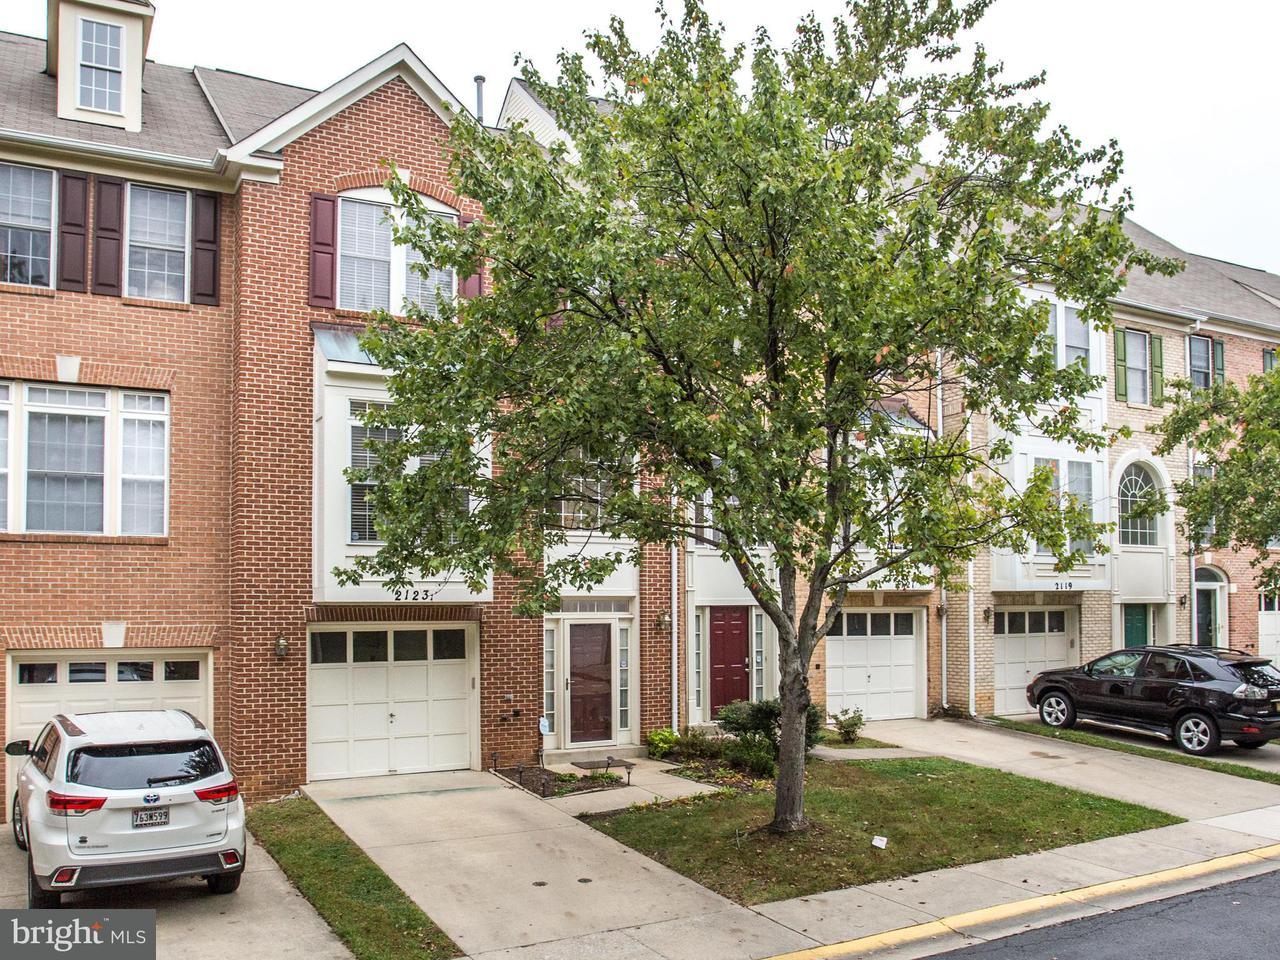 タウンハウス のために 売買 アット 2123 Chippewa Place 2123 Chippewa Place Silver Spring, メリーランド 20906 アメリカ合衆国